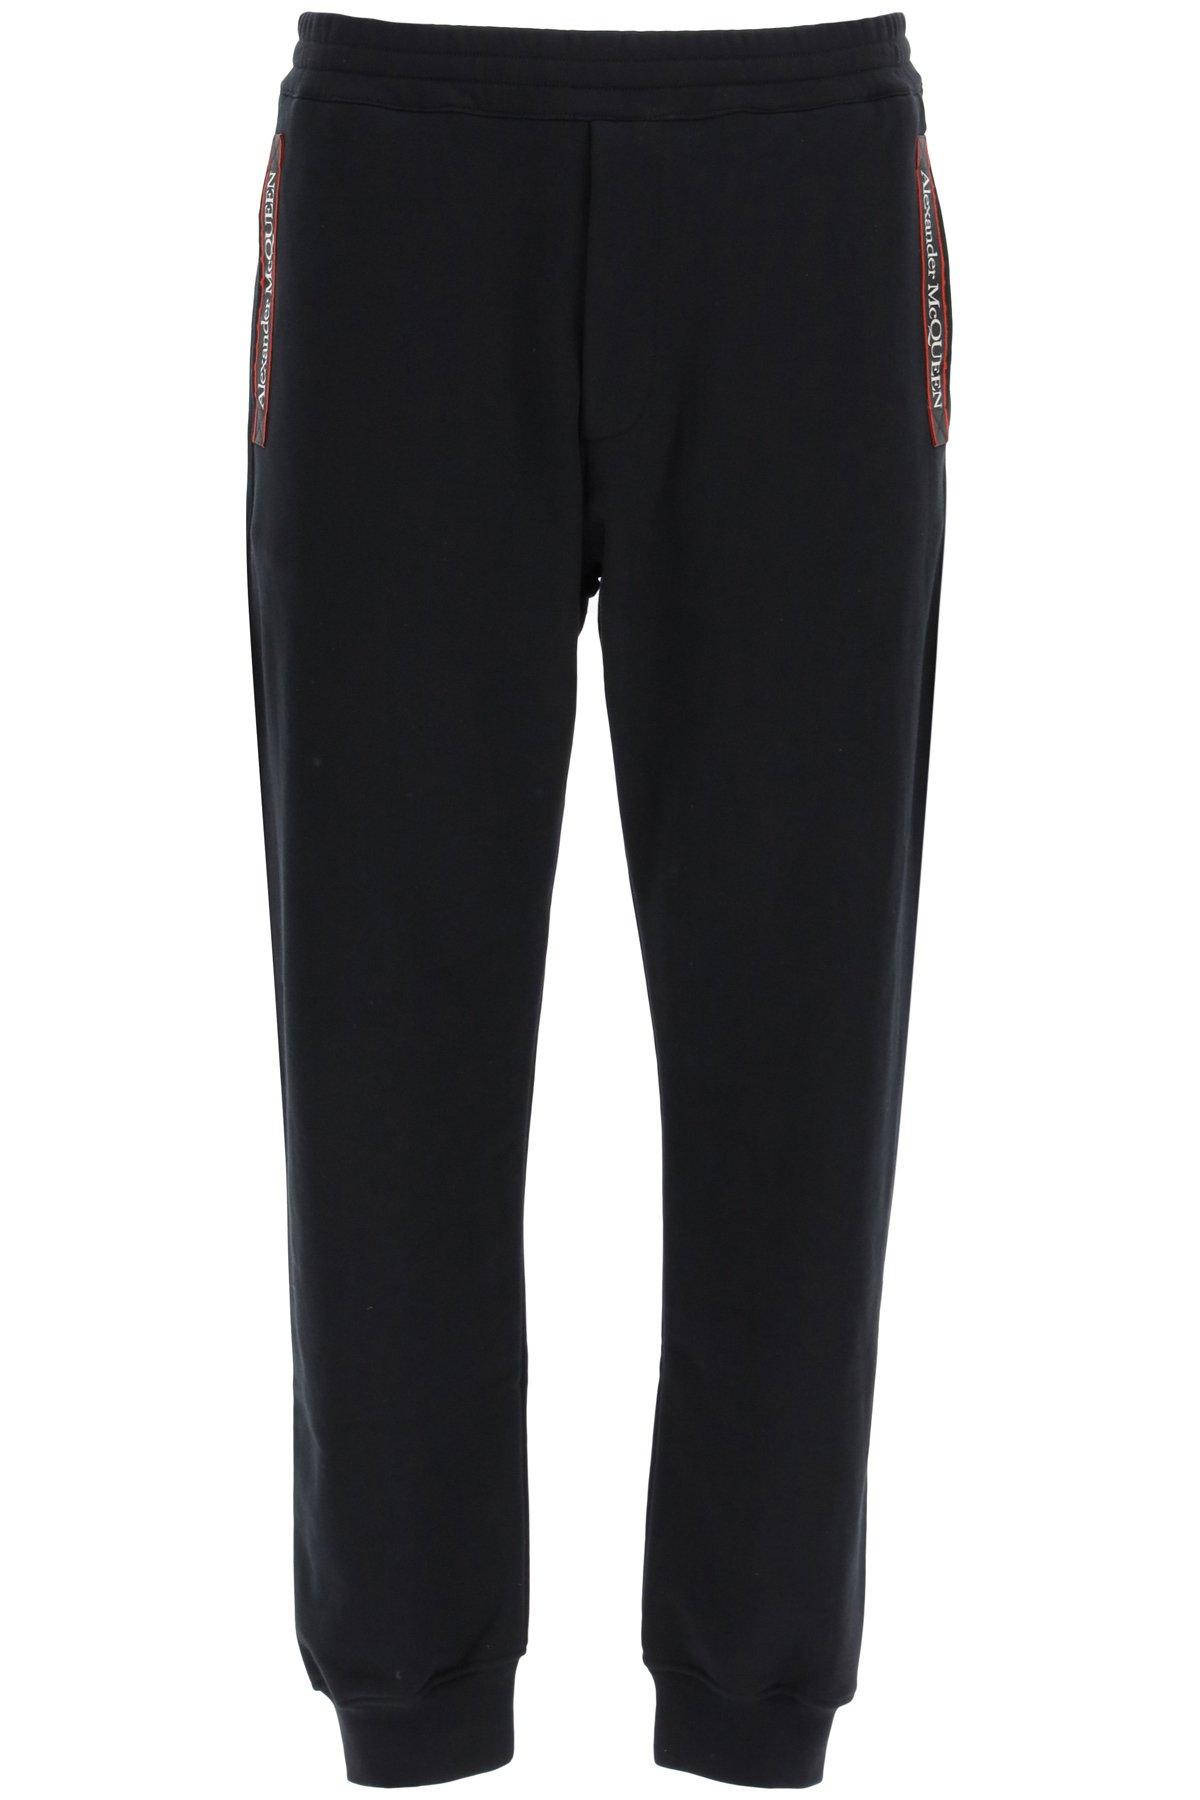 Alexander mcqueen pantalone jogger con cimosa logata